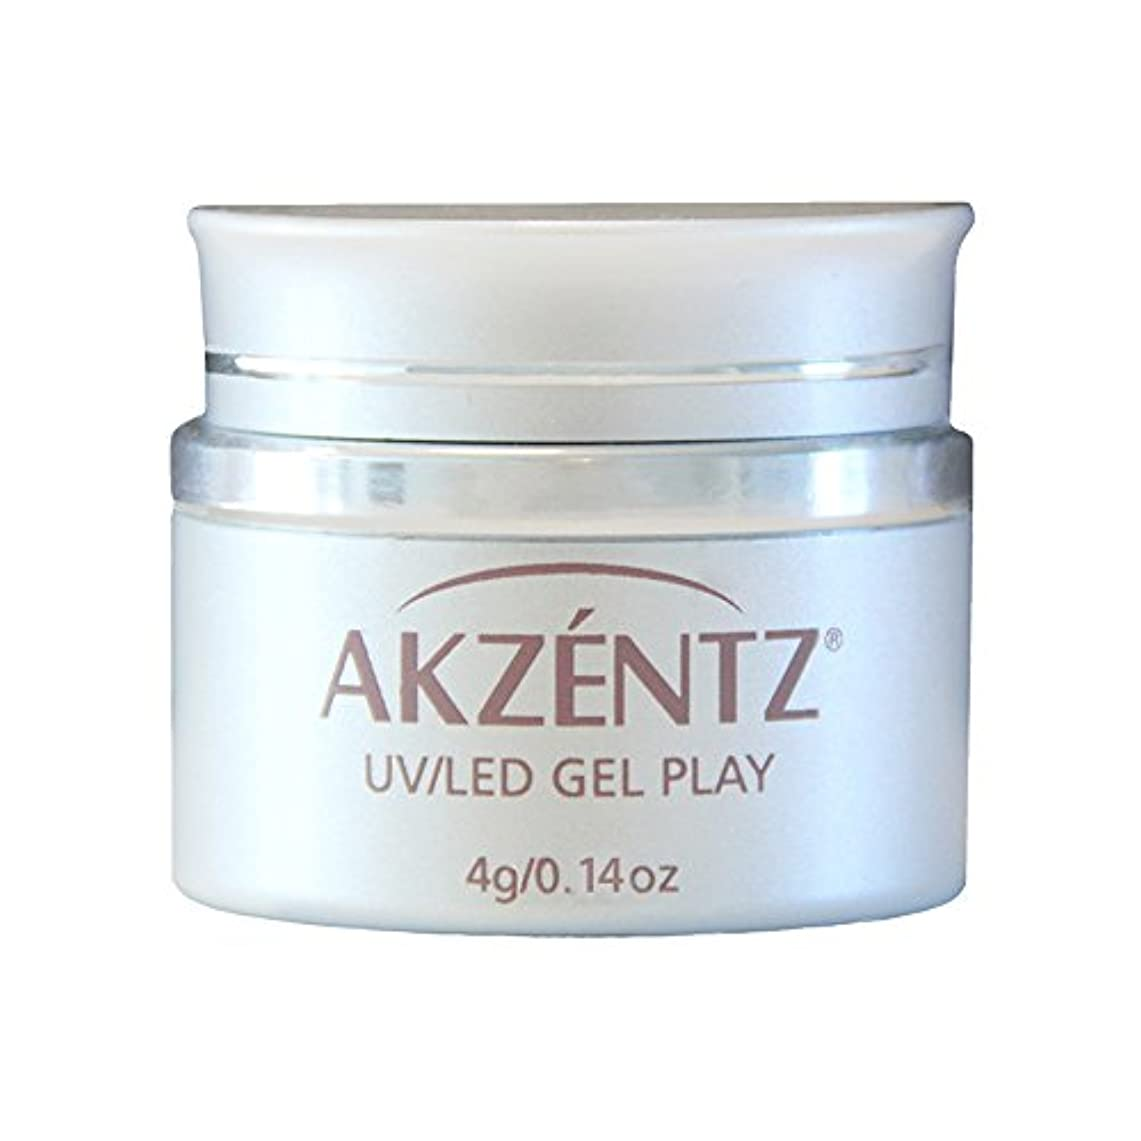 AKZENTZ カラージェル ジェルプレイ ペイントホワイト 4g UV/LED対応